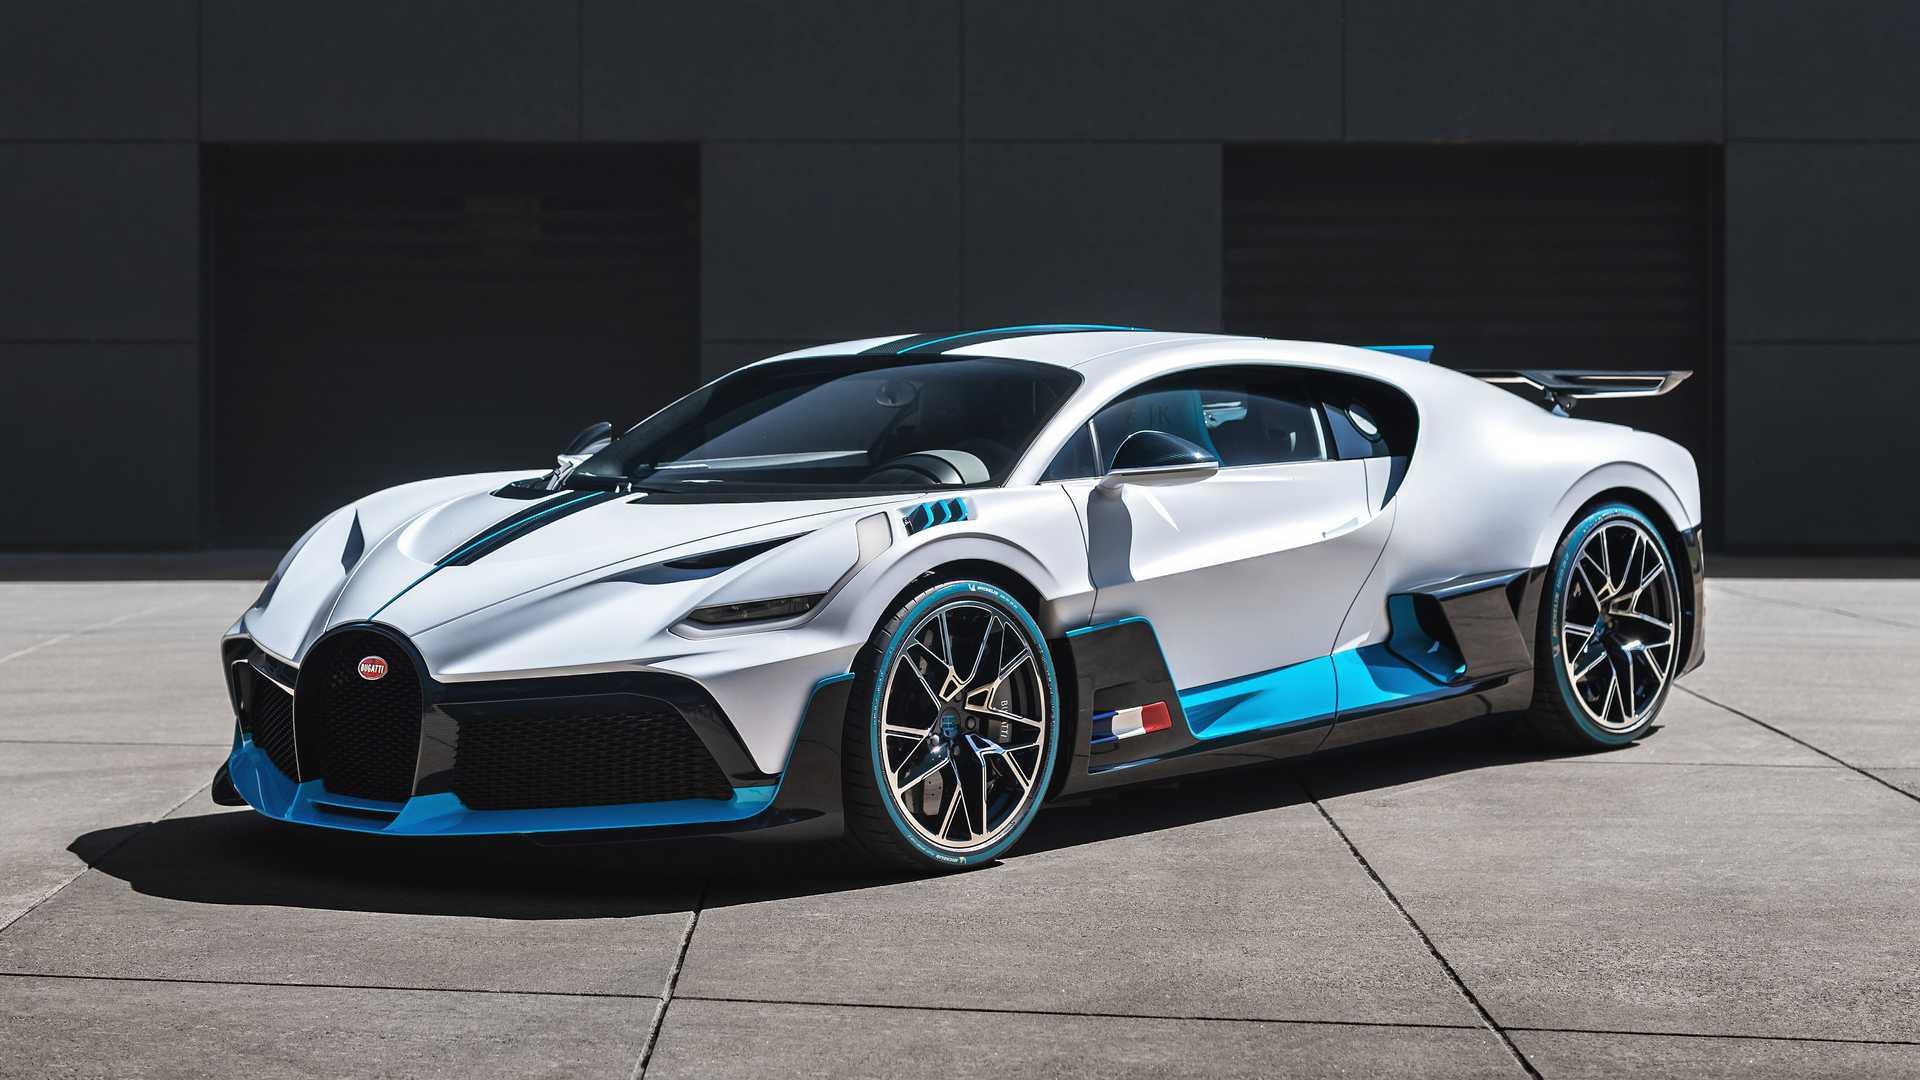 Πόσο κοστίζει σήμερα μια Bugatti Divo;